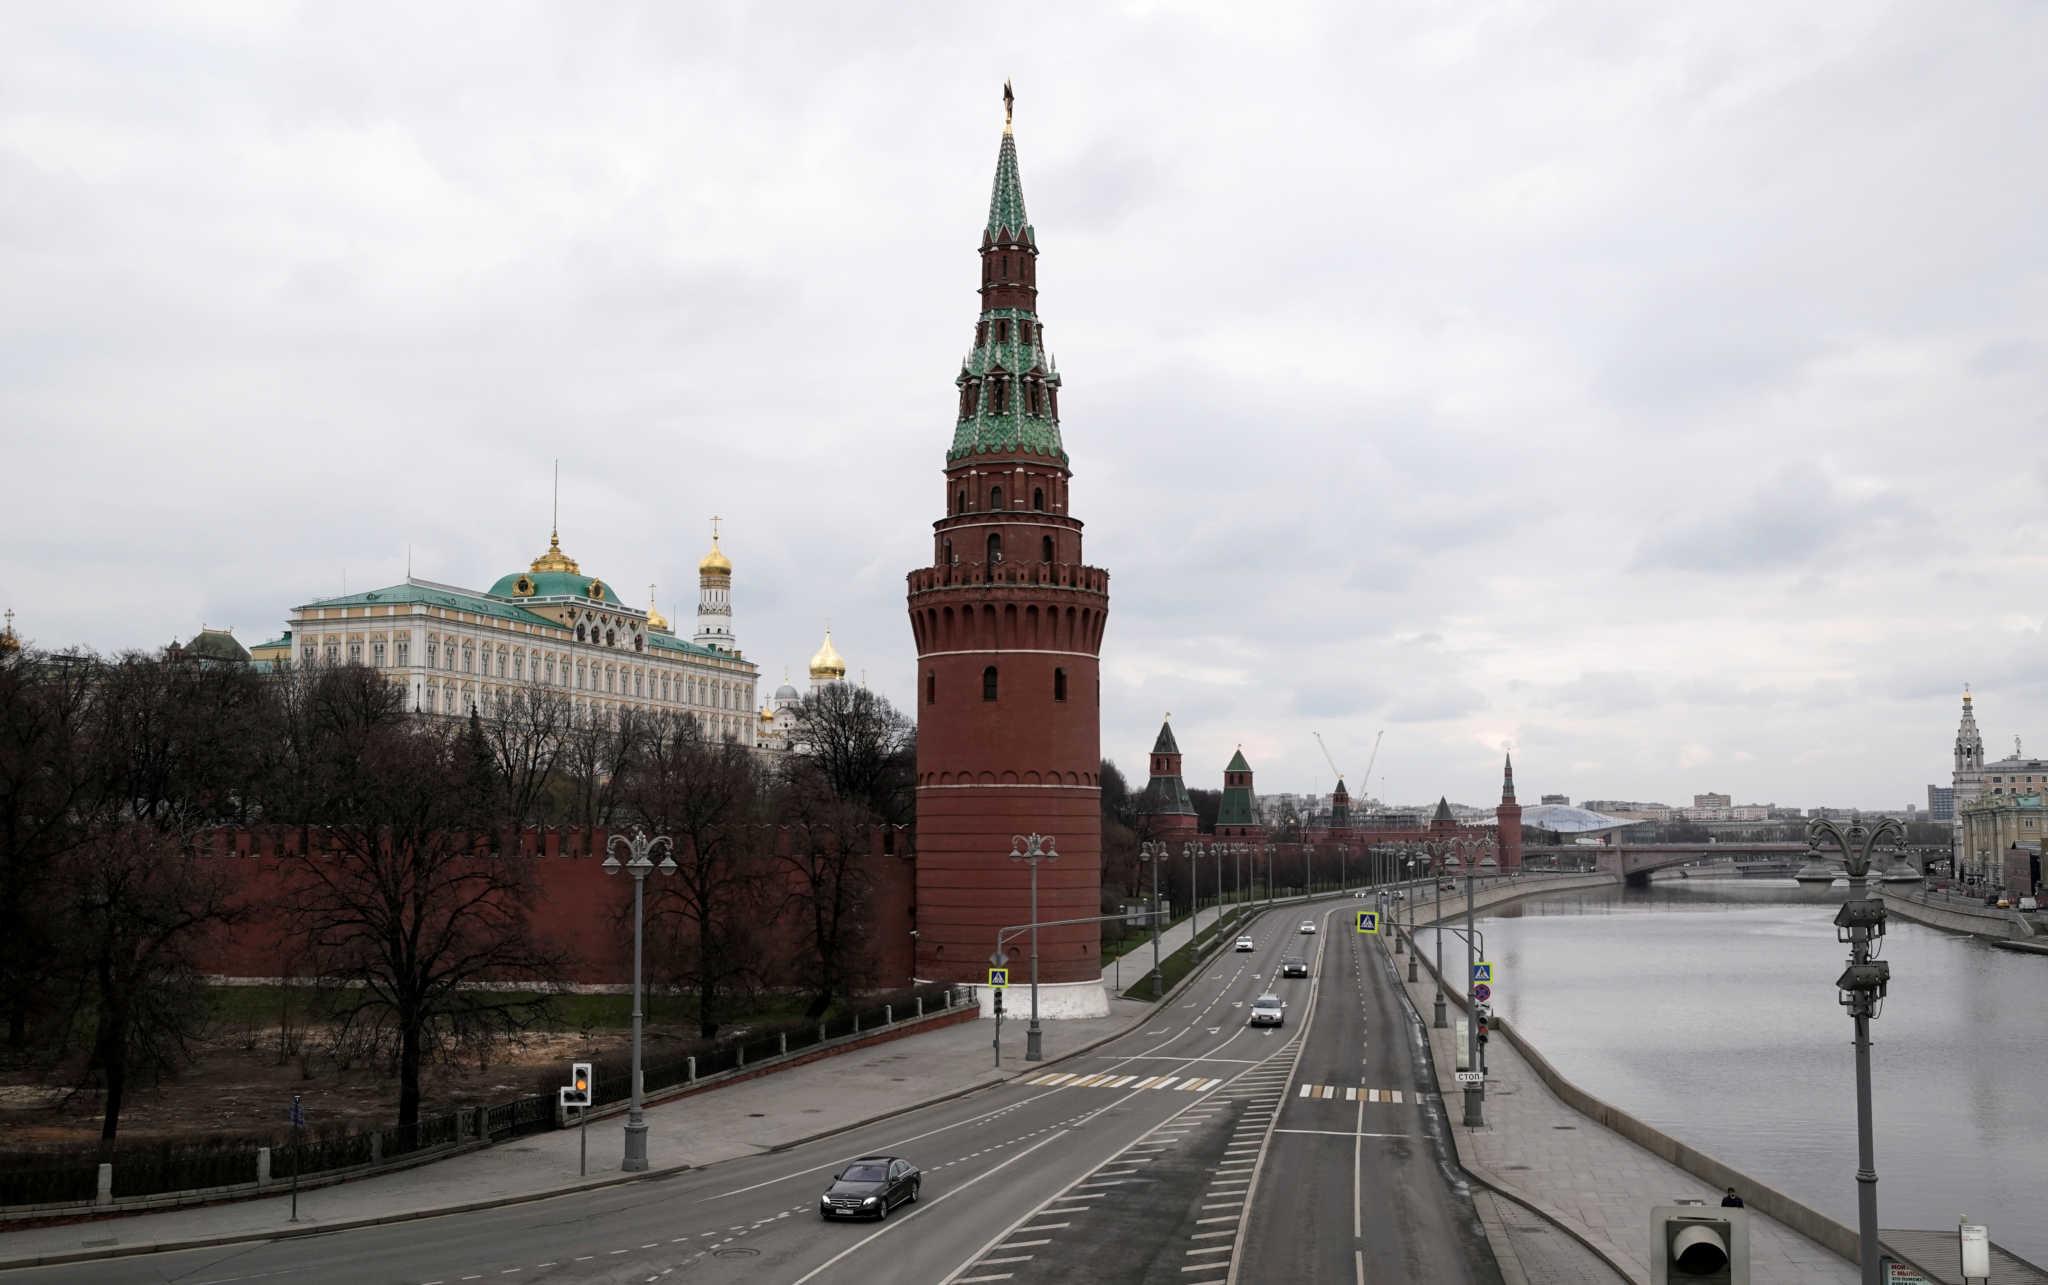 Κρεμλίνο: Θα μελετήσουμε την πρόταση Μπάιντεν για συνάντηση κορυφής με τον Πούτιν